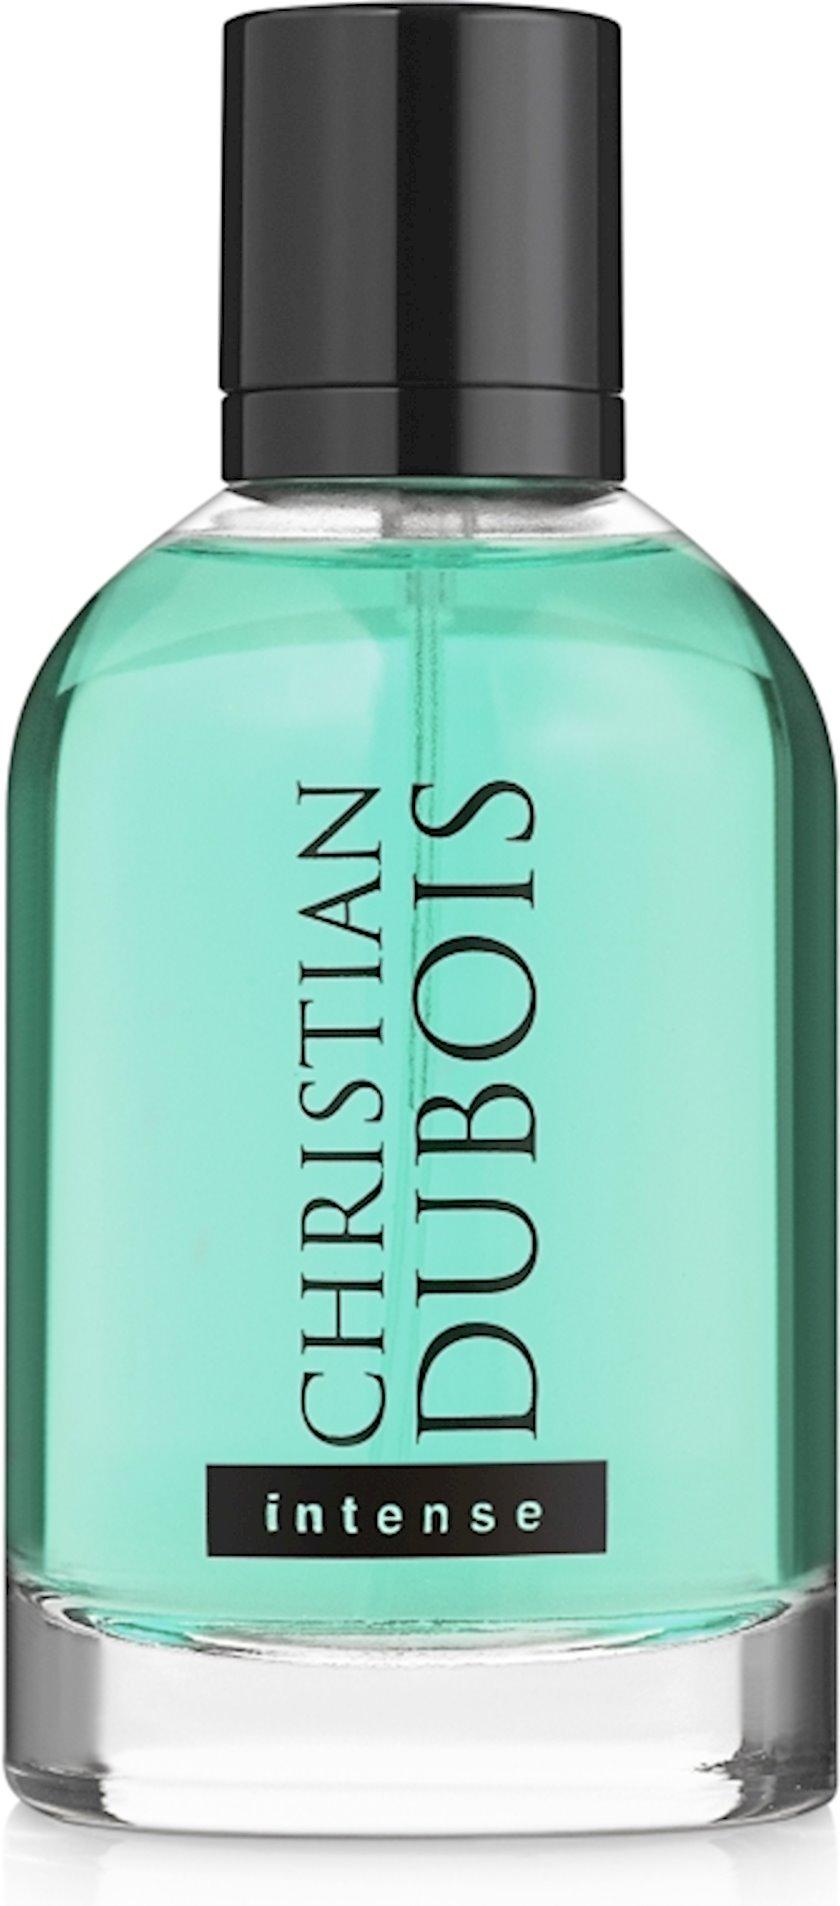 Tualet suyu kişilər üçün Dilis Parfum Christian Dubois Intense 100 ml